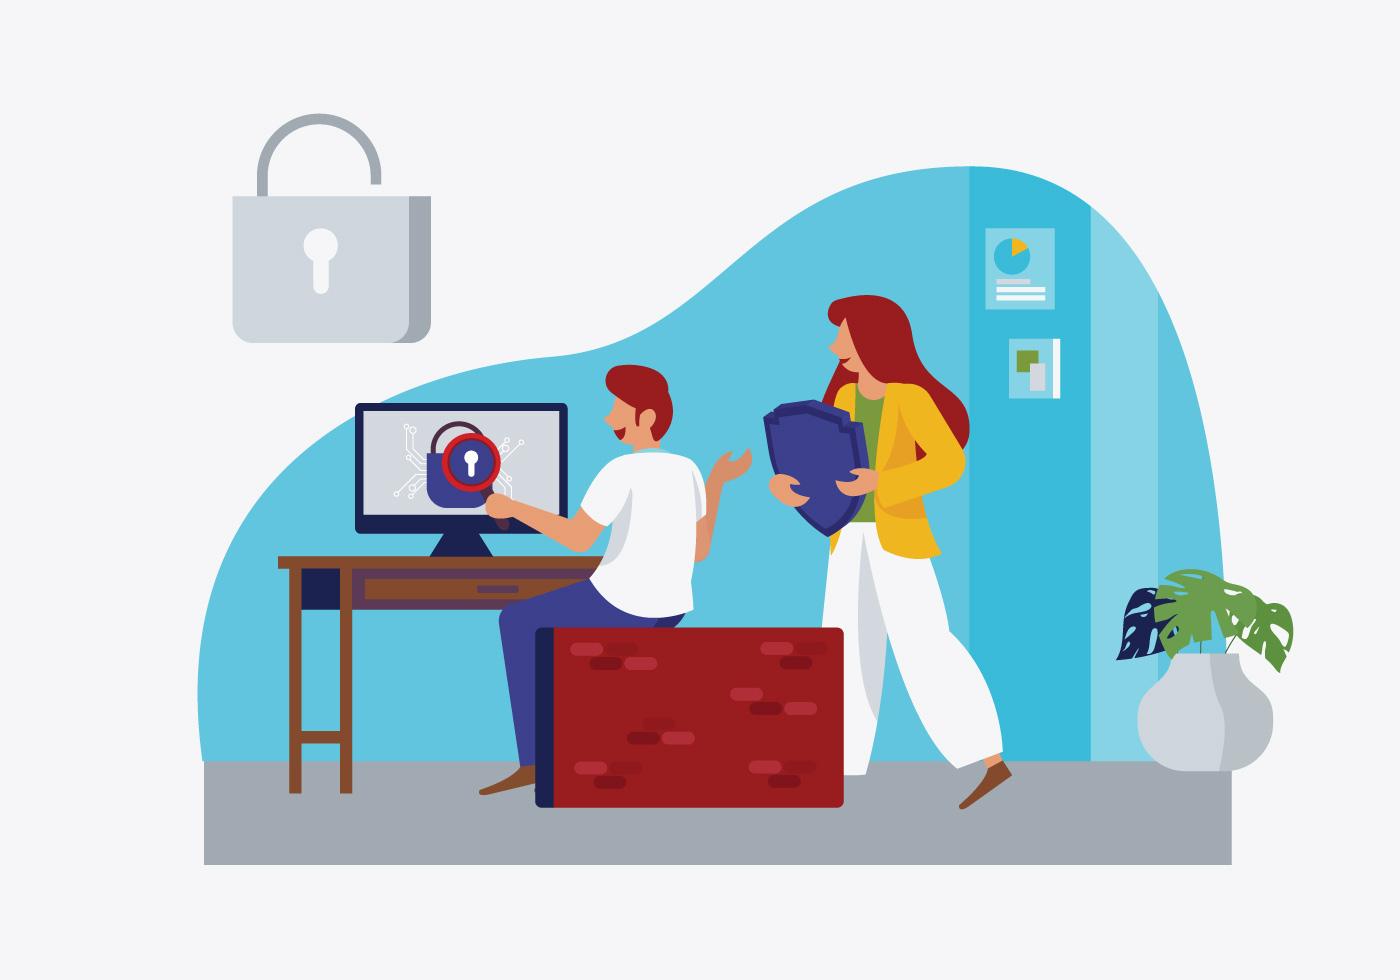 Usuario que comprueba en línea Cyber Security Vector ilustración plana -  Descargar Vectores Gratis, Illustrator Graficos, Plantillas Diseño